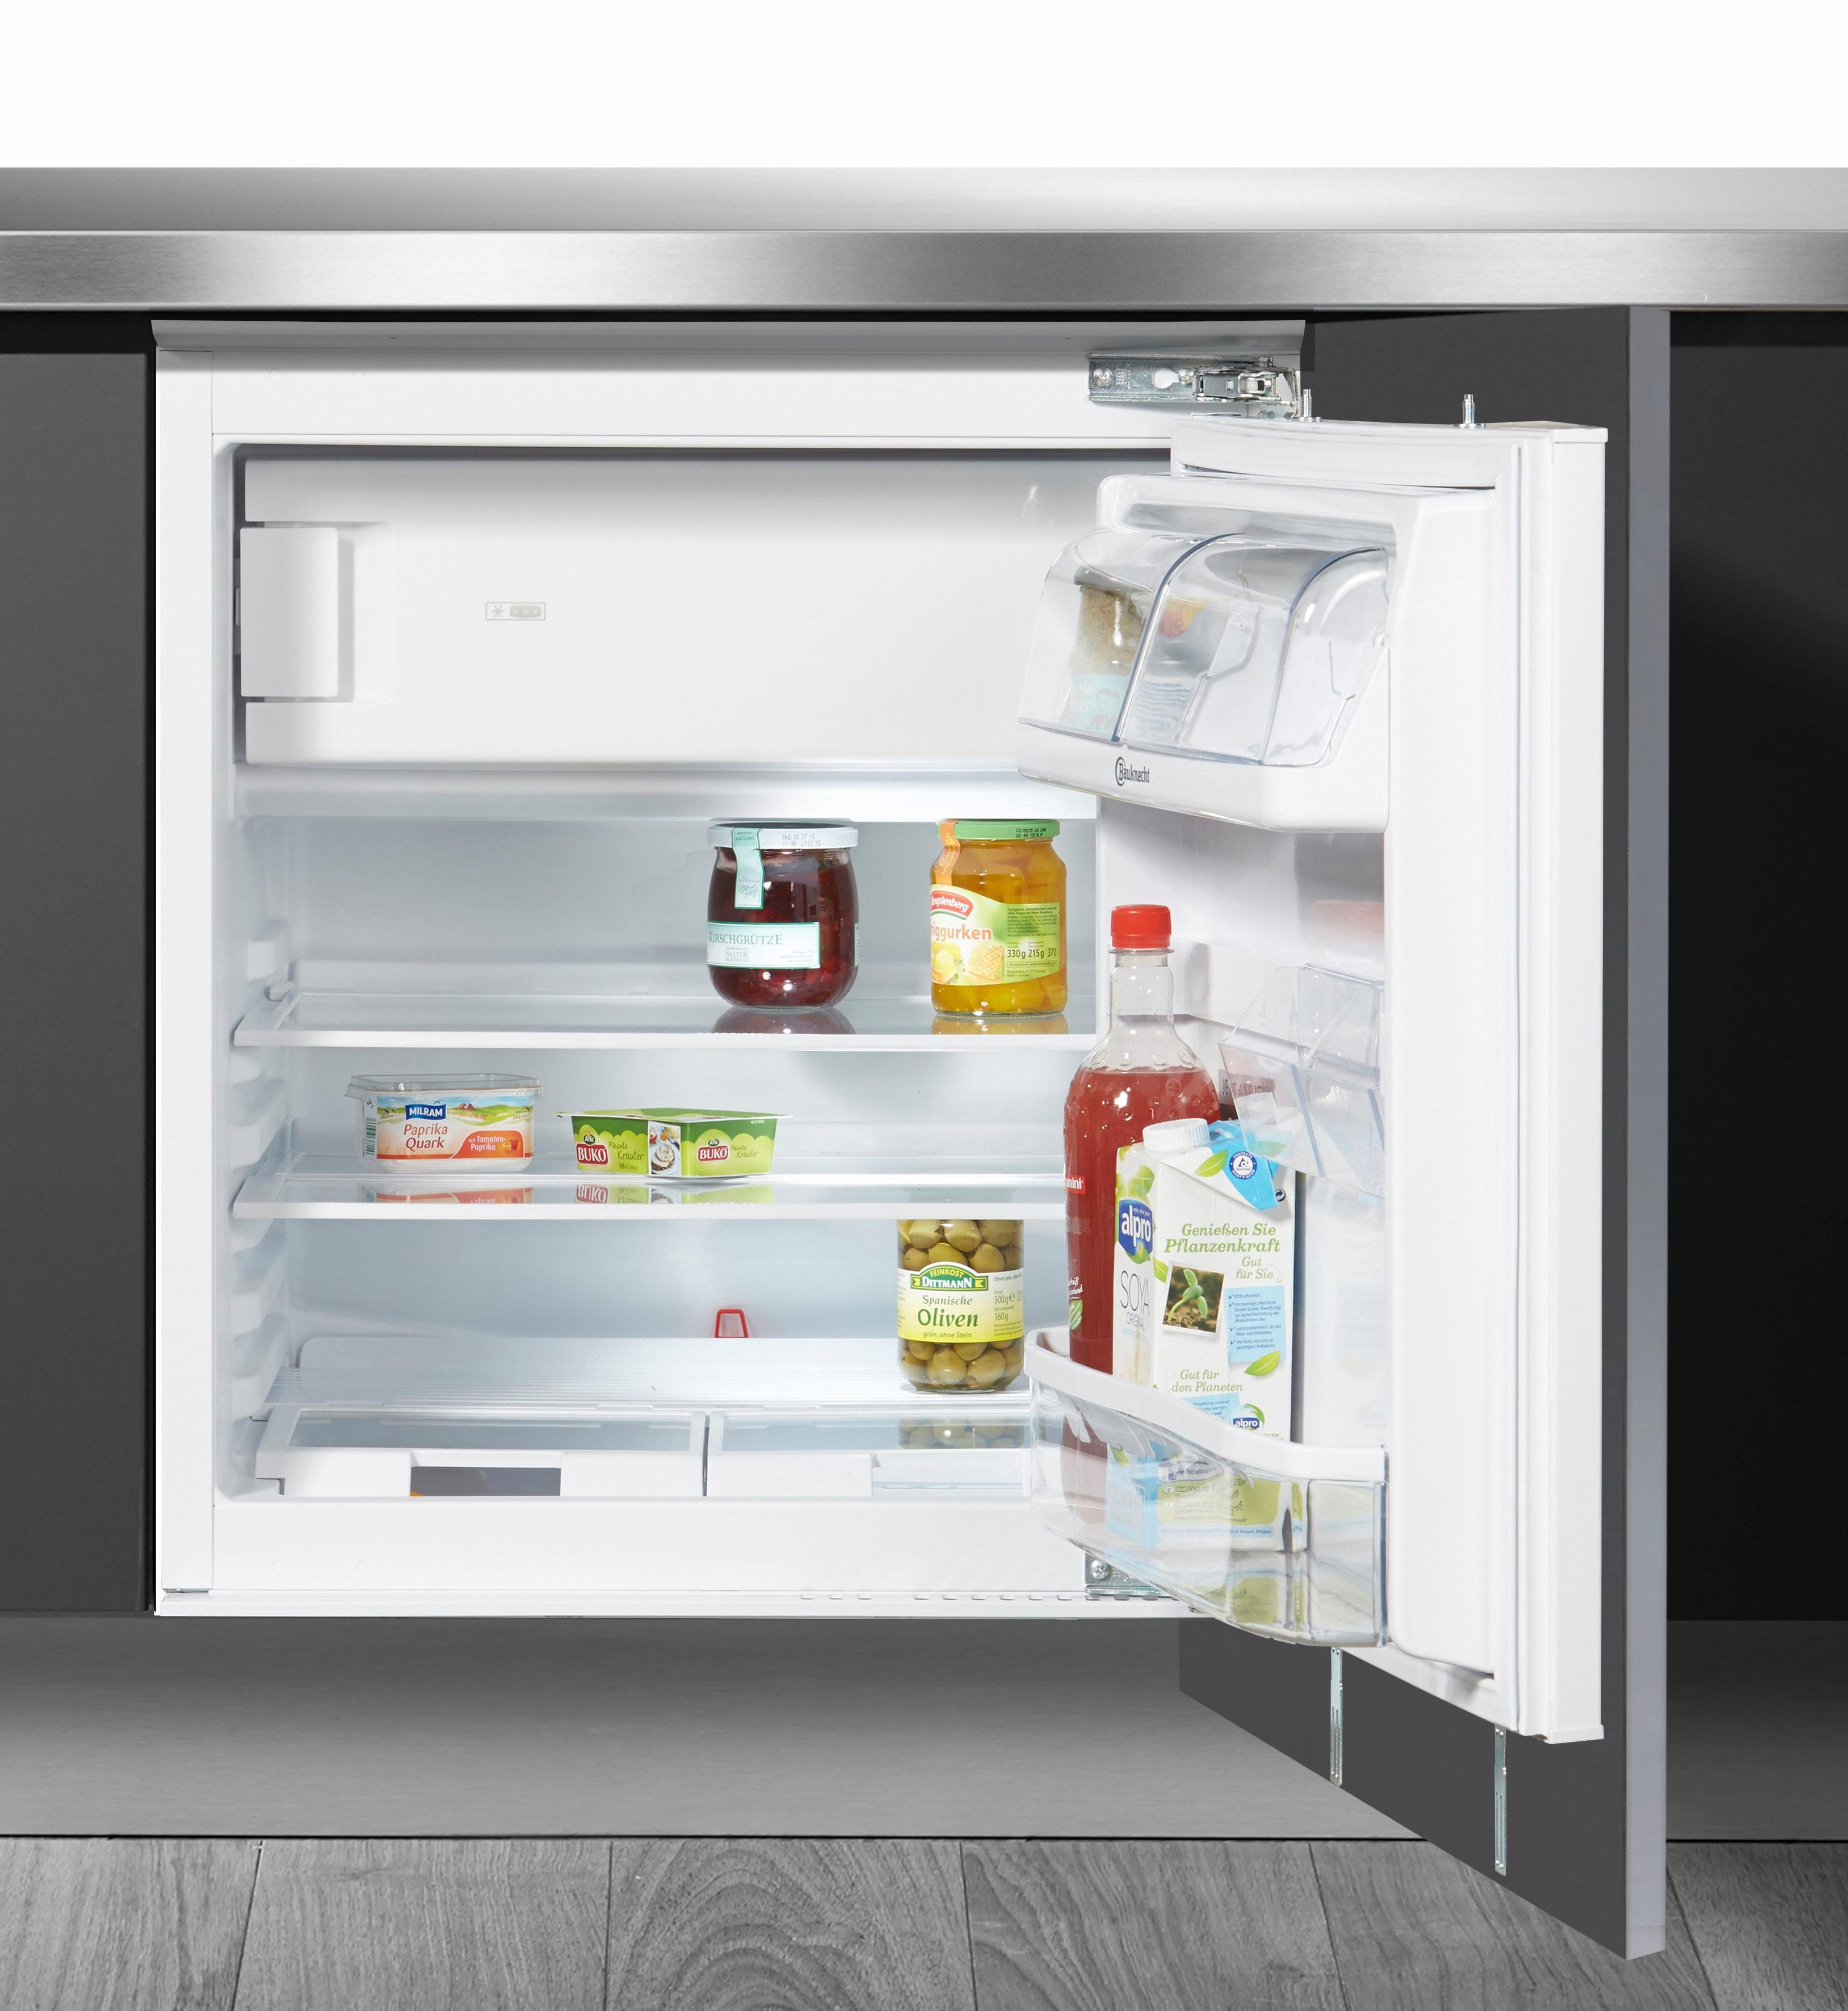 BAUKNECHT Einbaukühlschrank UVI 1884, 81,5 cm hoch, 59,6 cm breit, Energieklasse A++, 81,5 cm hoch, integrierbar, Unterbau